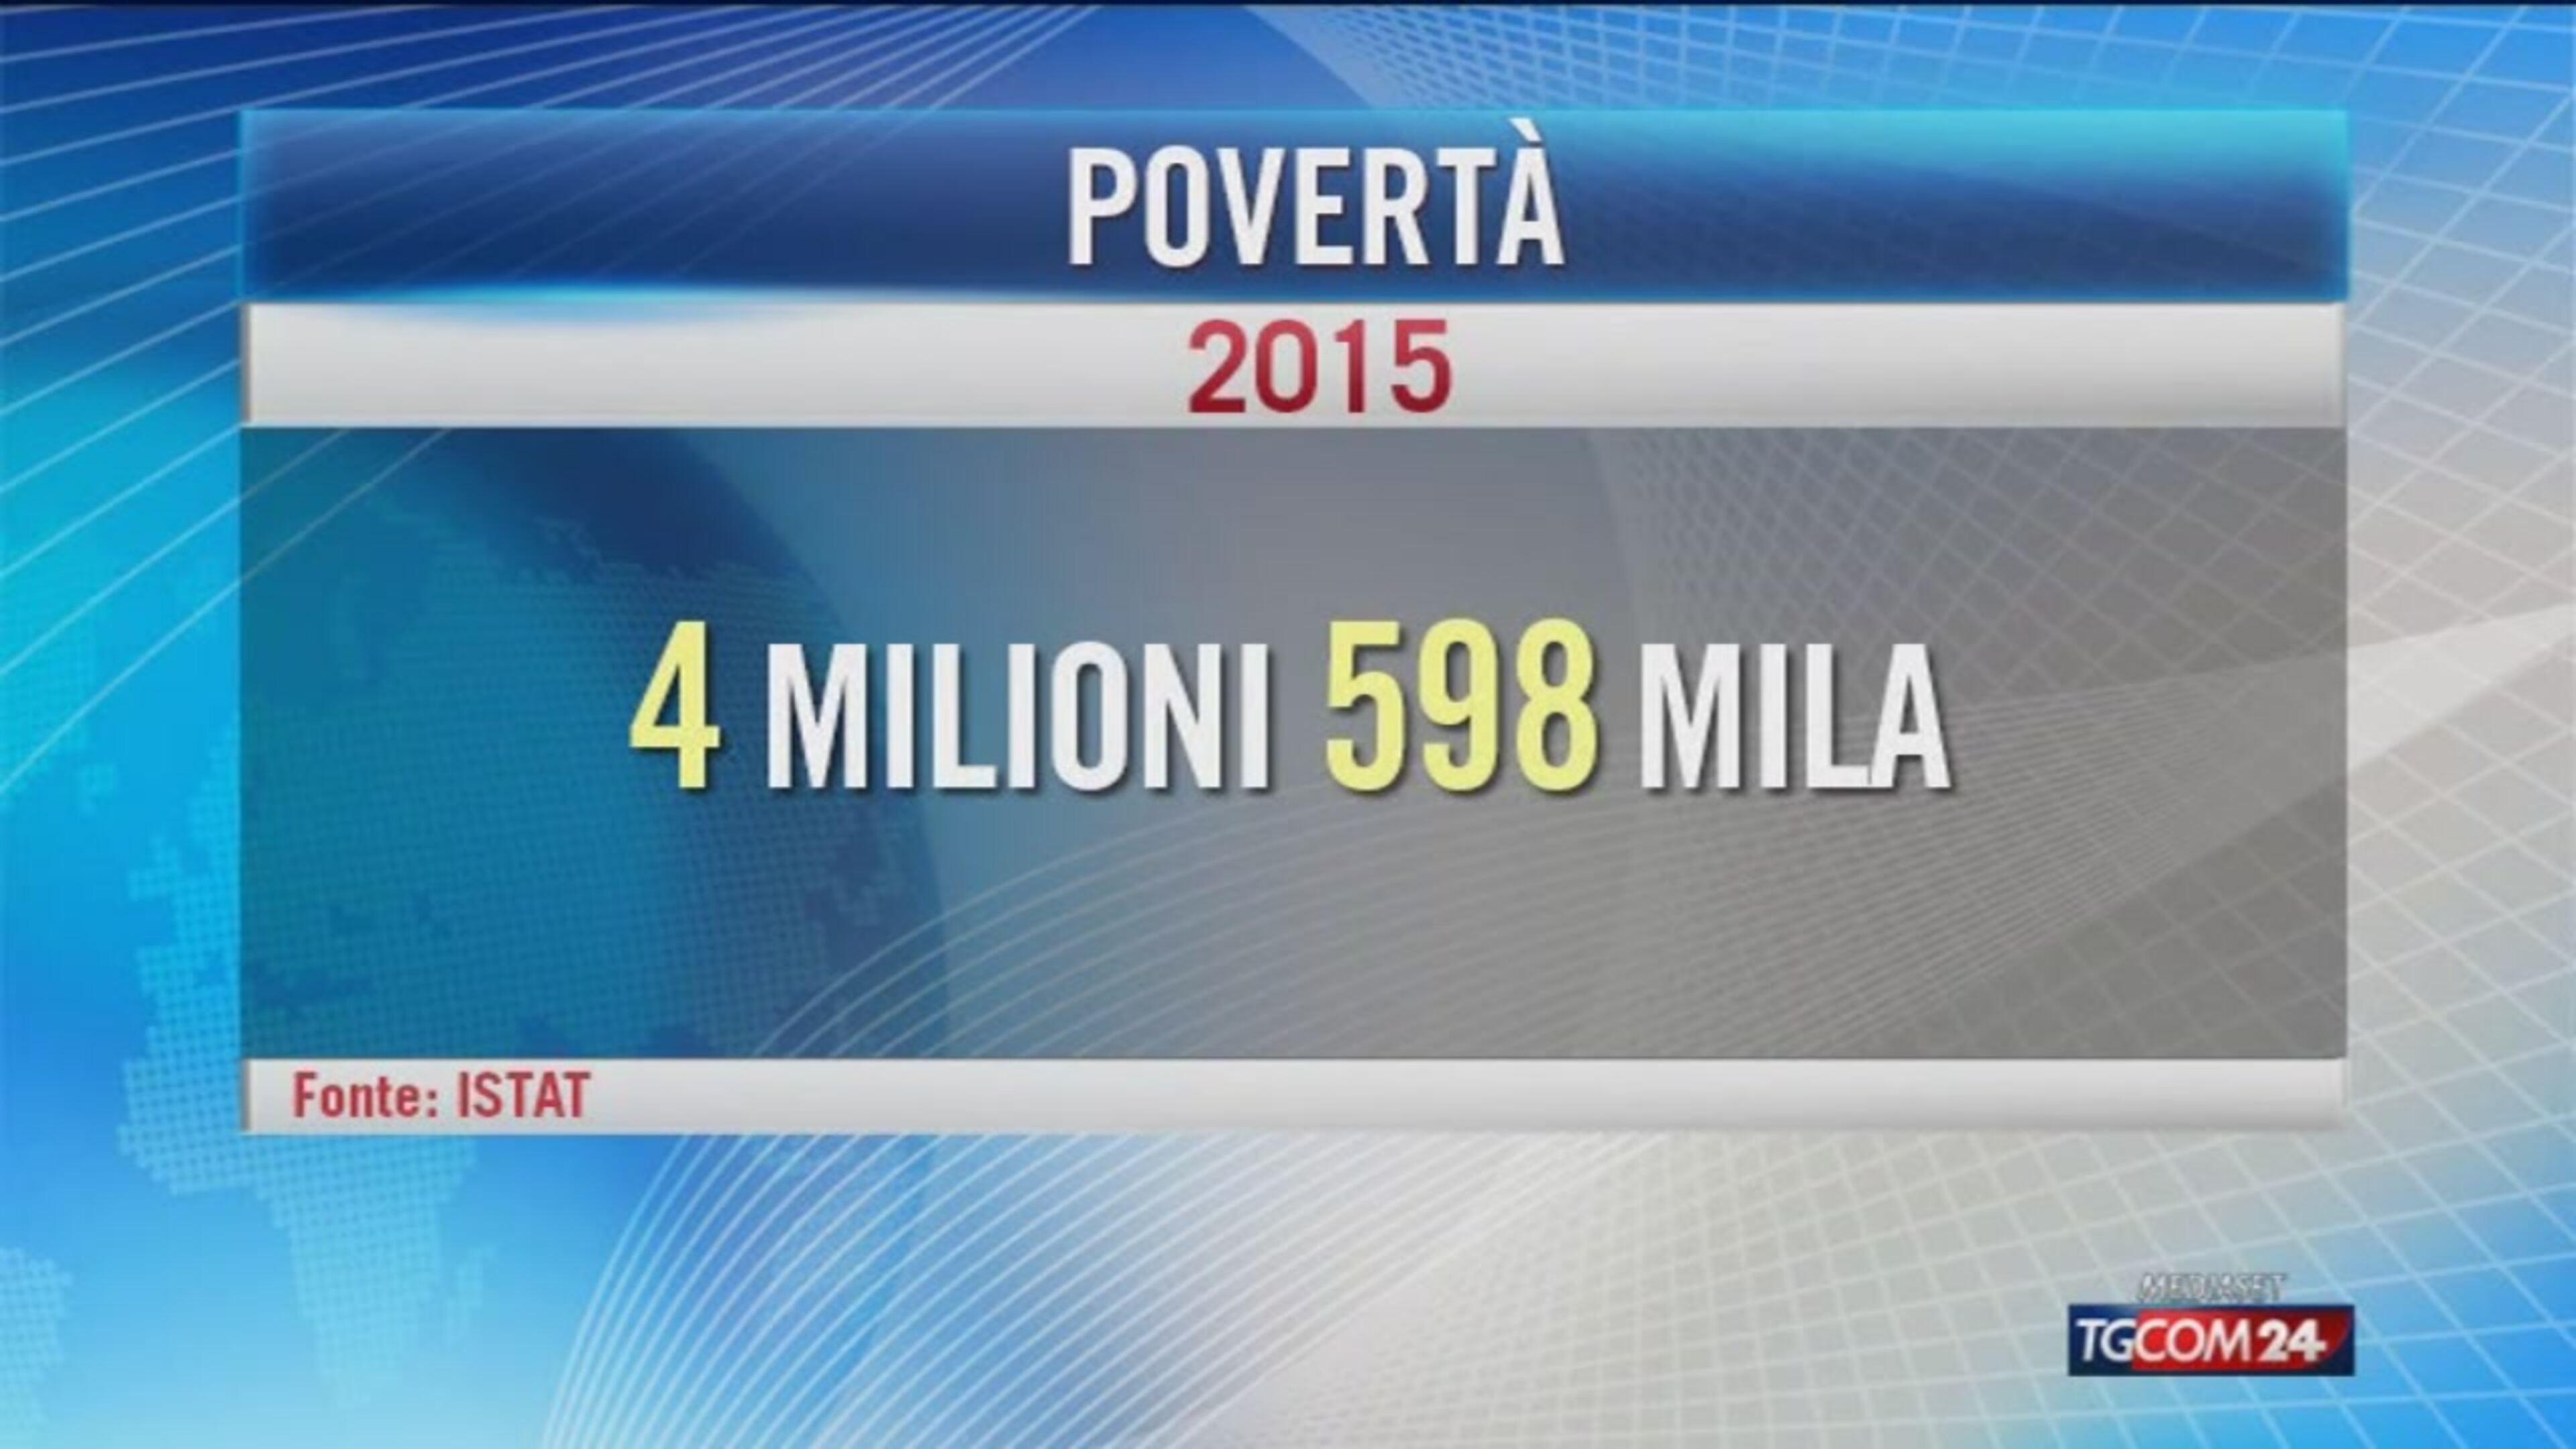 Video tgcom24 istat 4 6 milioni di italiani in povert for Aste giudiziarie milano ultimi arrivi